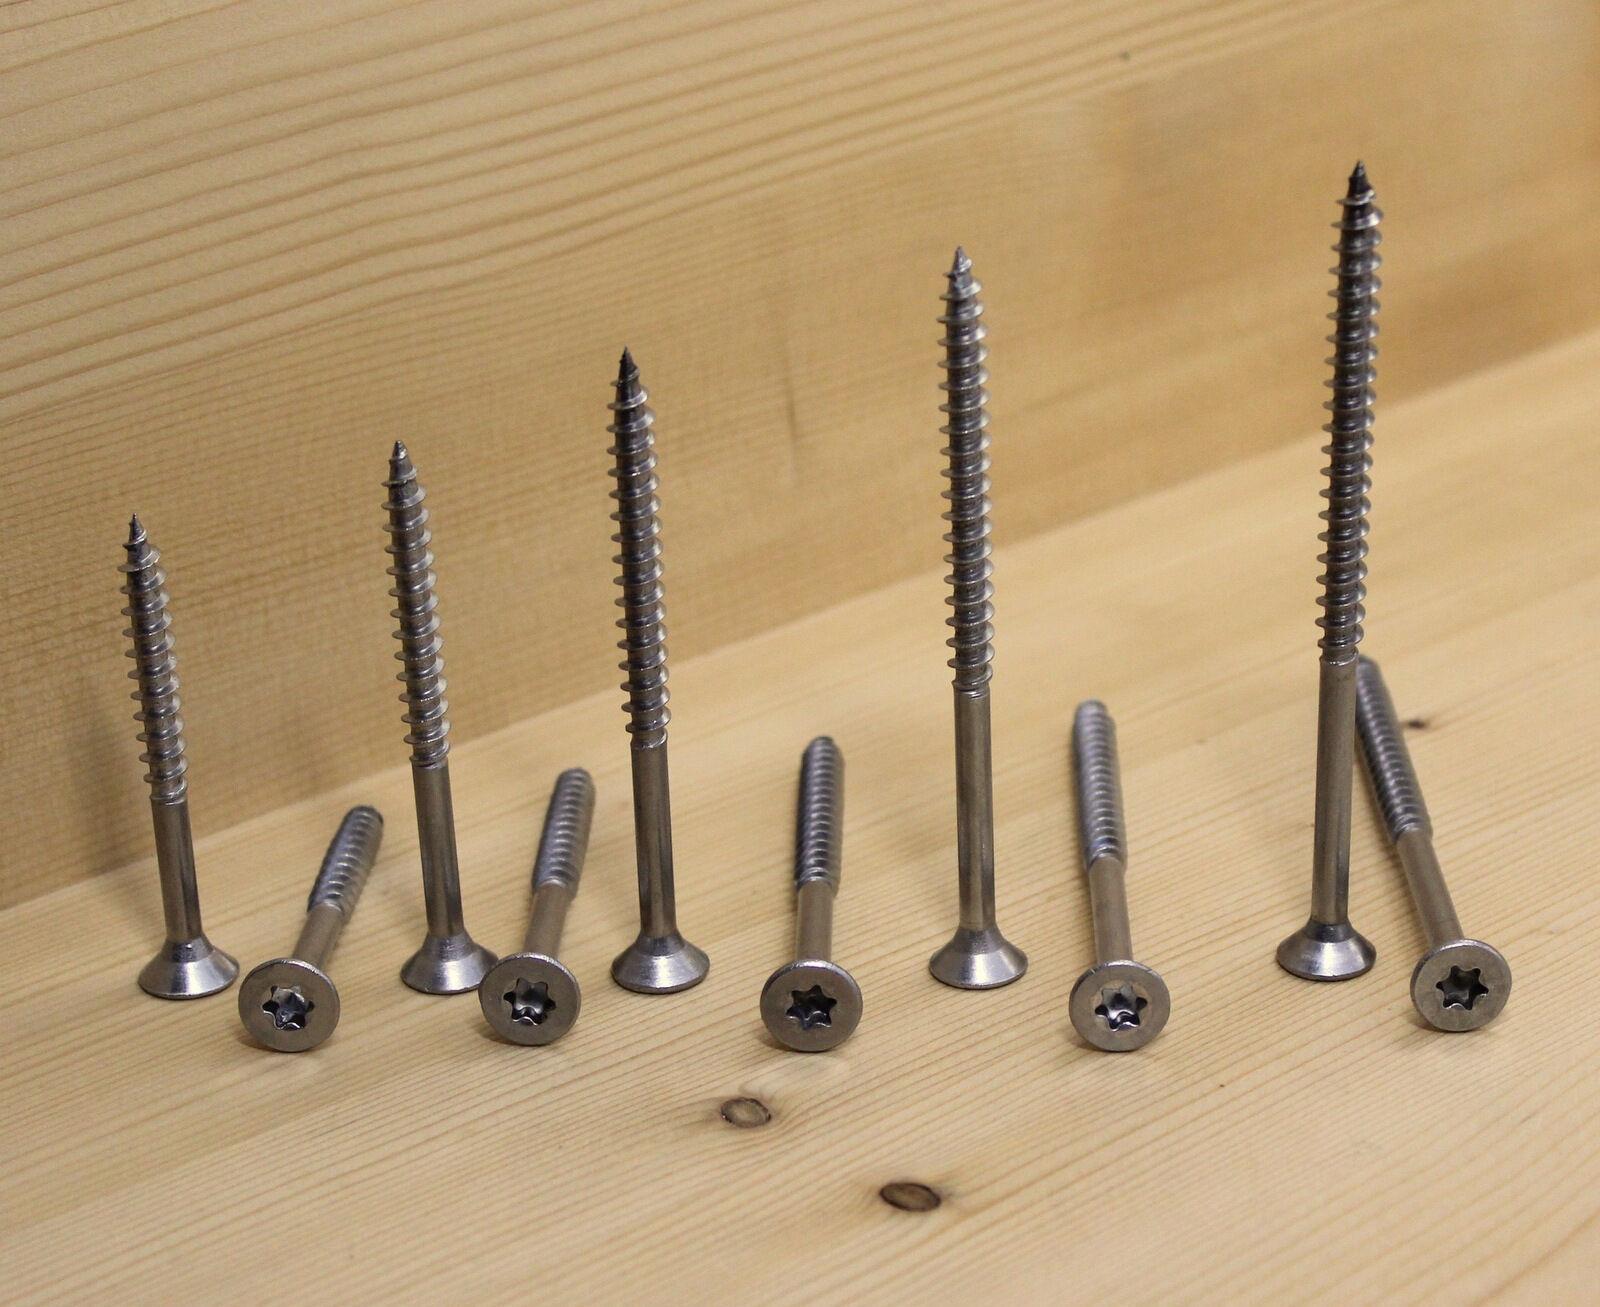 6,0 mm Edelstahl A2 TX 30 Spanplatten Schrauben 6,0 x 60 - 100 mm -Rostfrei V2A-   | Lassen Sie unsere Produkte in die Welt gehen